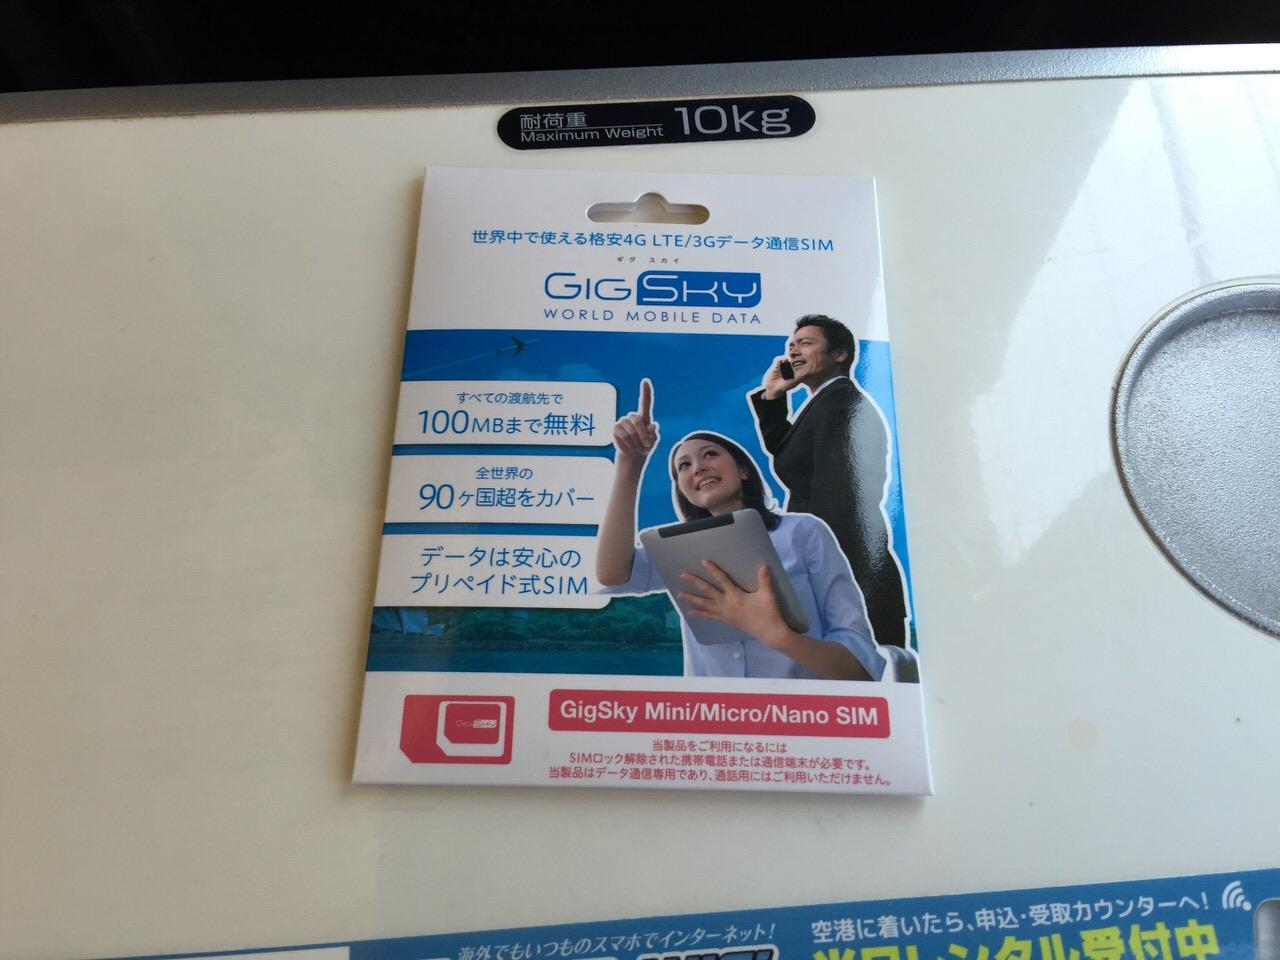 「GigSky(ギグスカイ)」世界90カ国以上でローミングできるSIMカードを試してみた!(使い方を解説)